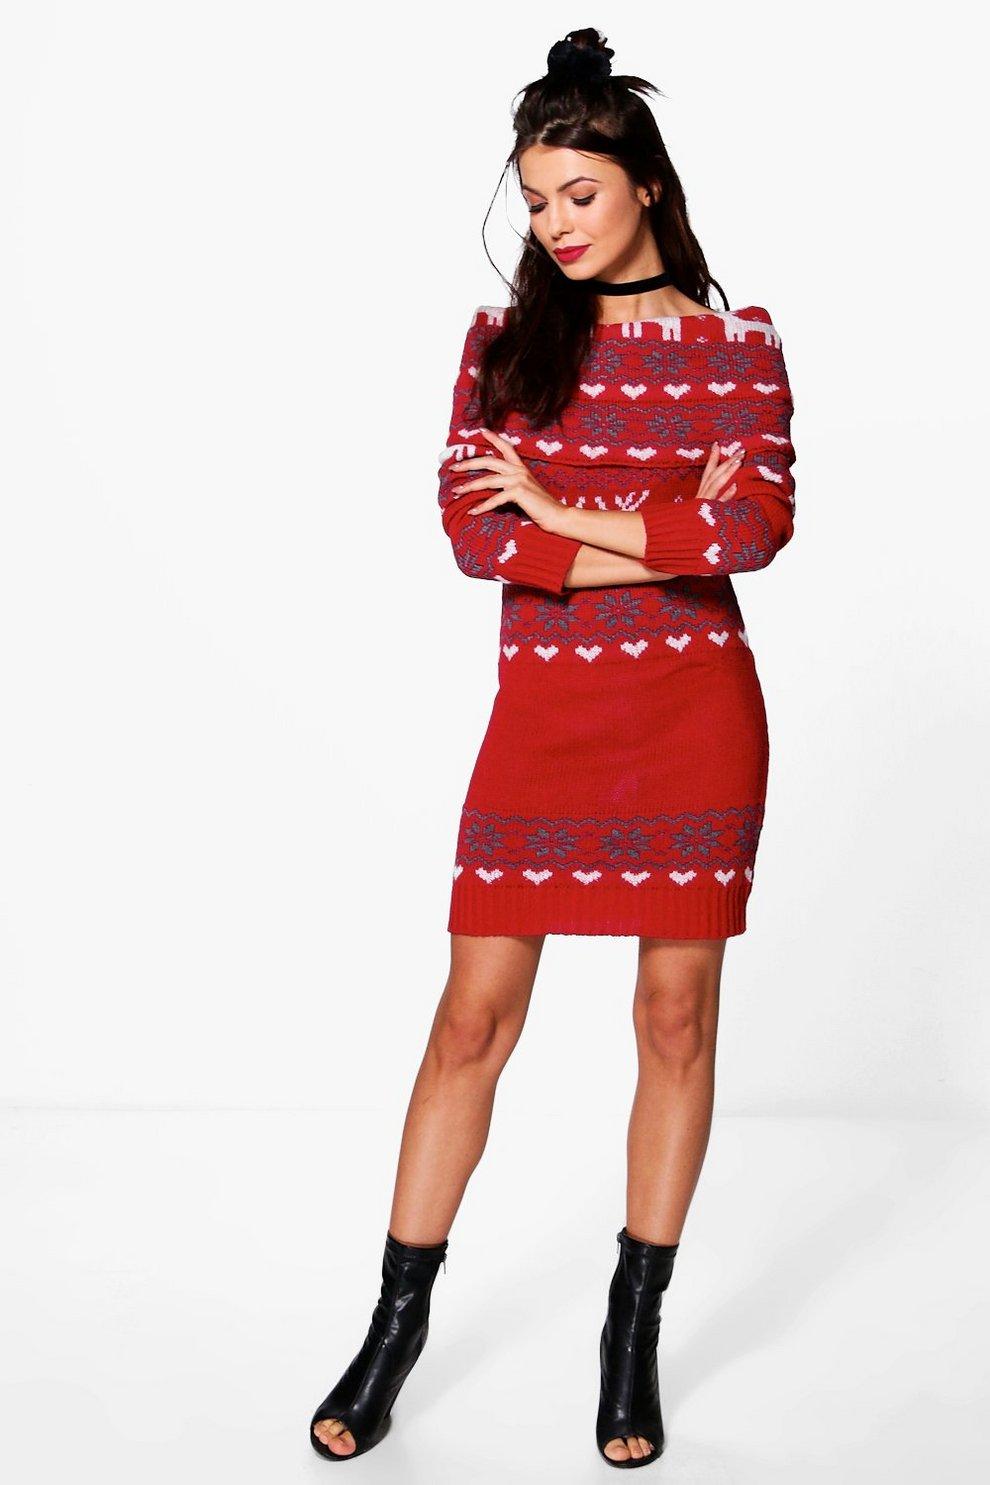 Isabelle Reindeer Fairisle Christmas Jumper Dress | Boohoo